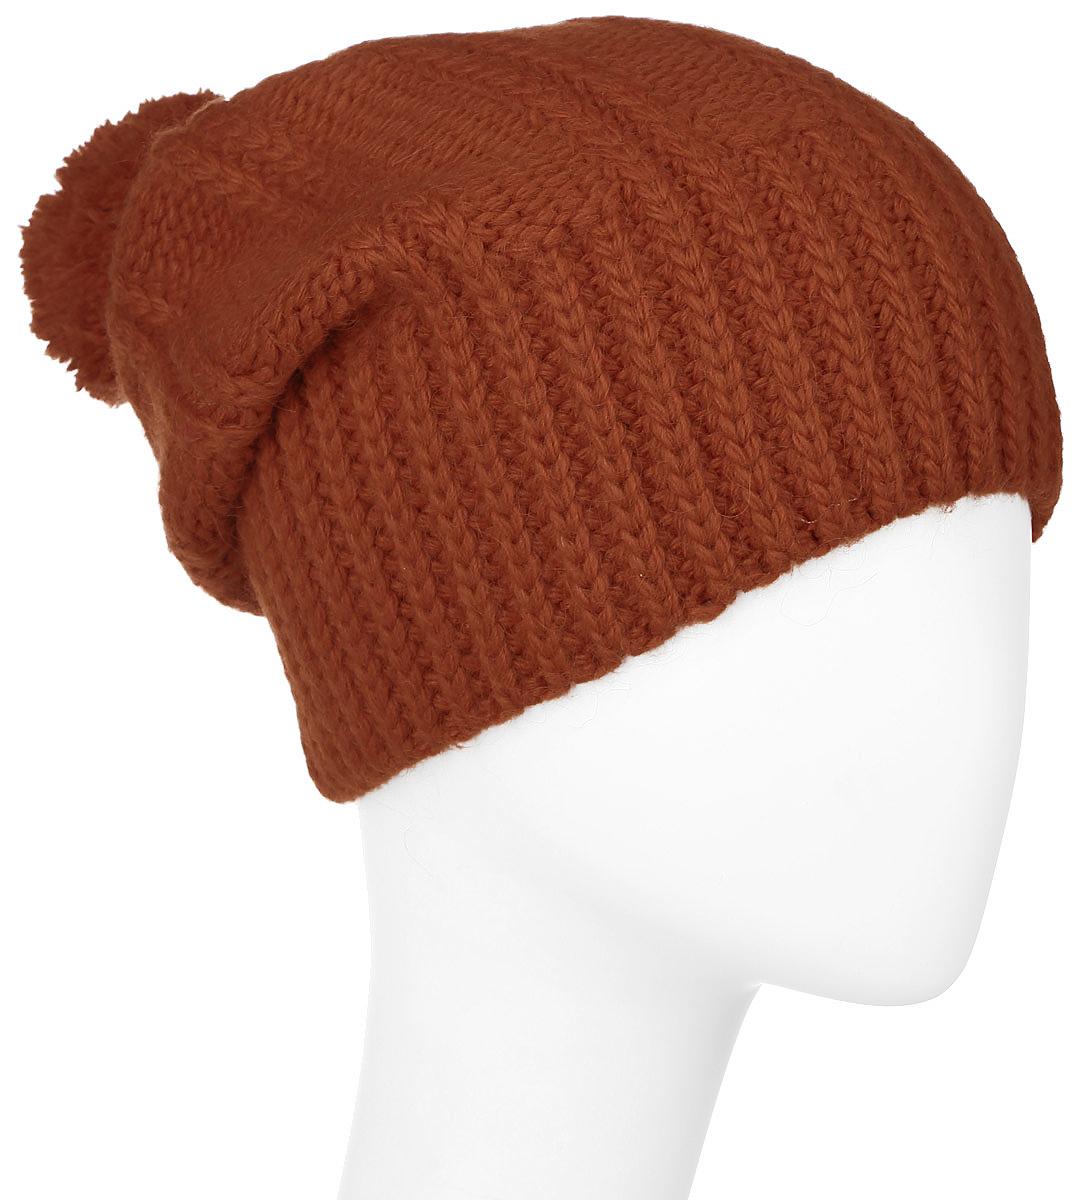 Шапка341884V-90Теплая женская шапка Vittorio Richi отлично дополнит ваш образ в холодную погоду. Сочетание шерсти, полиамида и кашемира сохраняет тепло и обеспечивает удобную посадку, невероятную легкость и мягкость. Удлиненная шапка выполнена крупной вязкой и дополнена на макушке пушистым помпоном. Модель составит идеальный комплект с модной верхней одеждой, в ней вам будет уютно и тепло. Уважаемые клиенты! Размер, доступный для заказа, является обхватом головы.